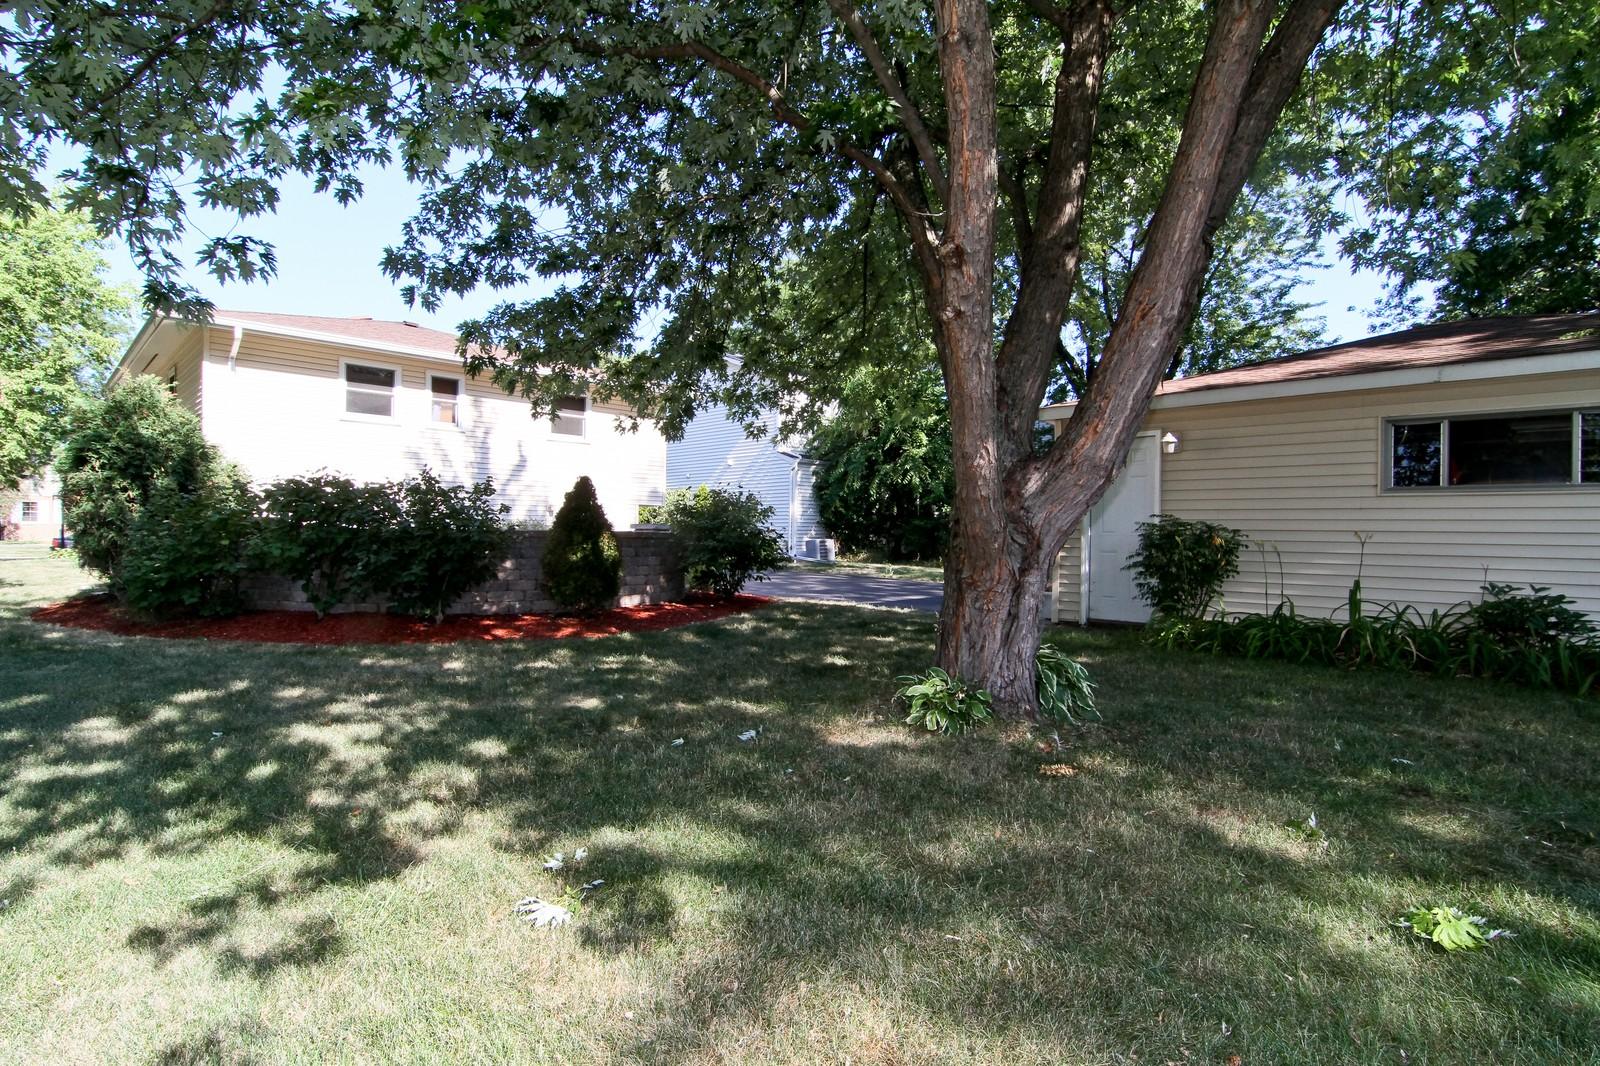 Real Estate Photography - 89 N Ott, Glen Ellyn, IL, 60137 - Rear View